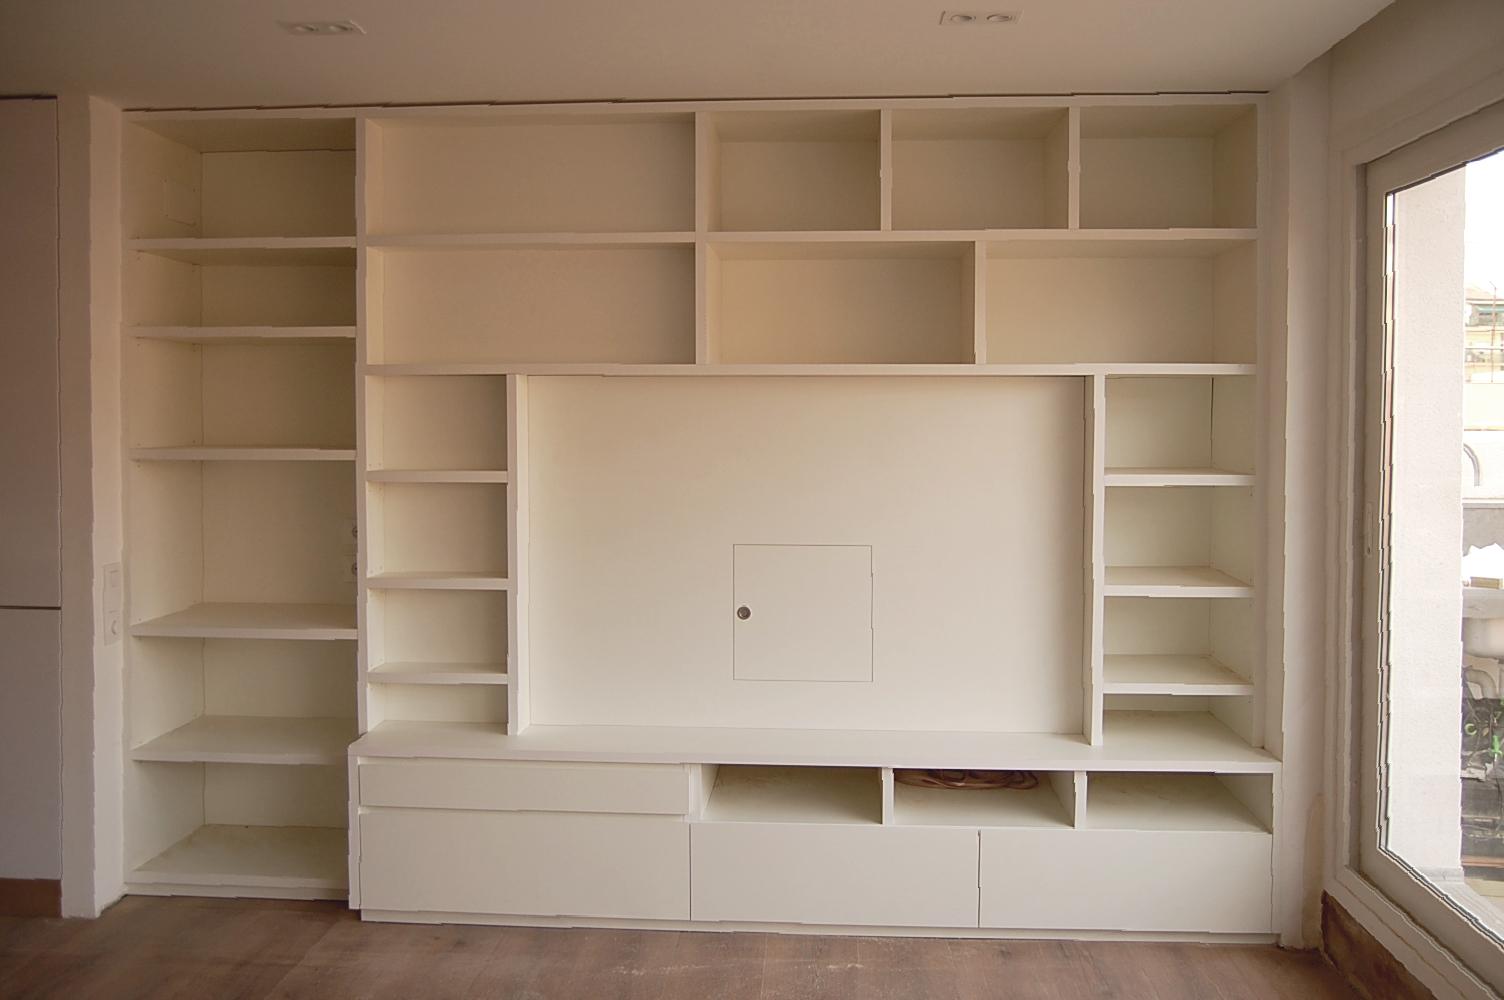 Mueble comedor en melamina blanca con estantes mb concept for Severino muebles cocina alacena melamina blanca